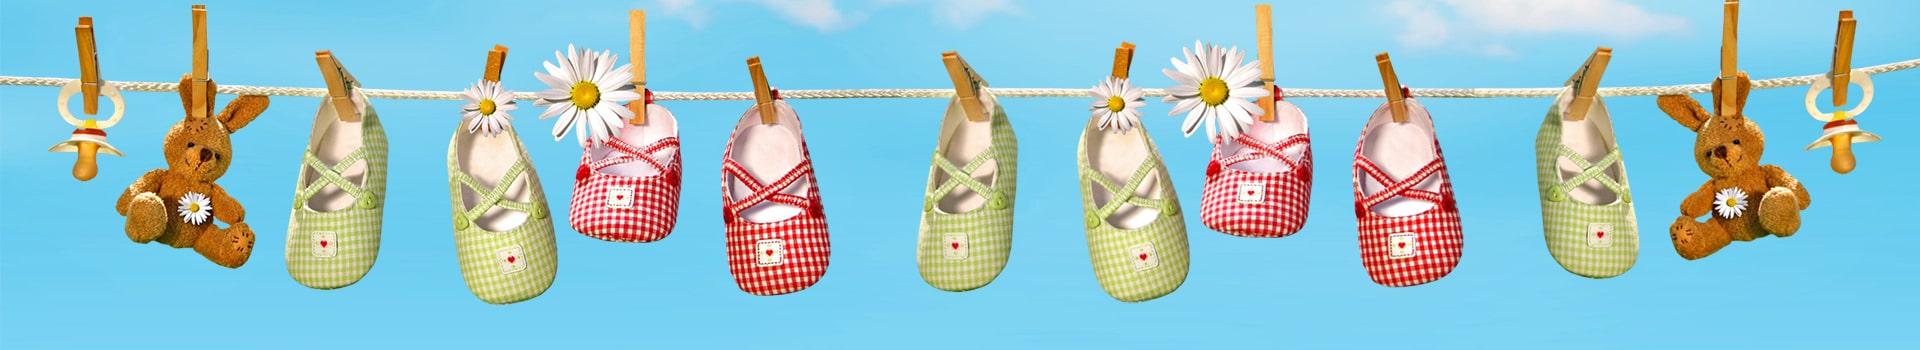 Сертификация детских товаров в Минске и РБ. Сертификация детской одежды, обуви, колясок, велосипедов и др.